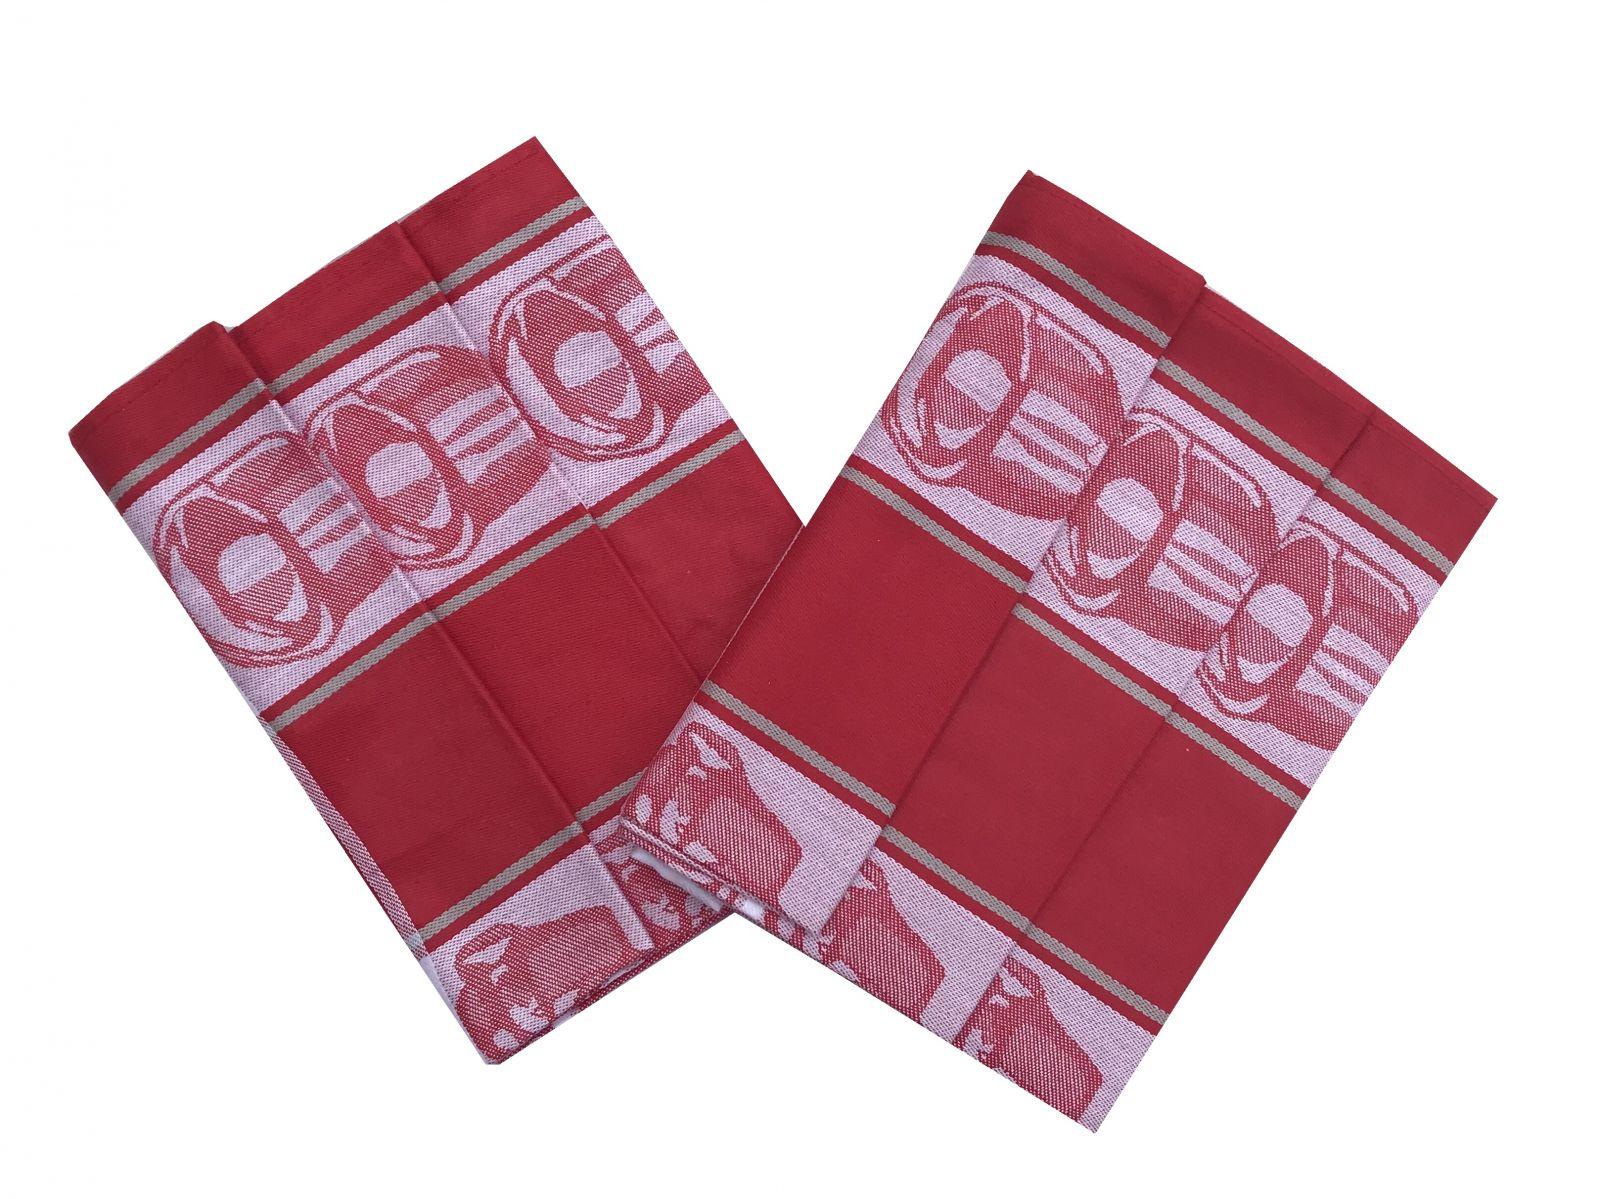 S motivem hrníčků kvalitní kuchyňská bavlněná utěrka Čajová souprava červená - 3 ks, Svitap